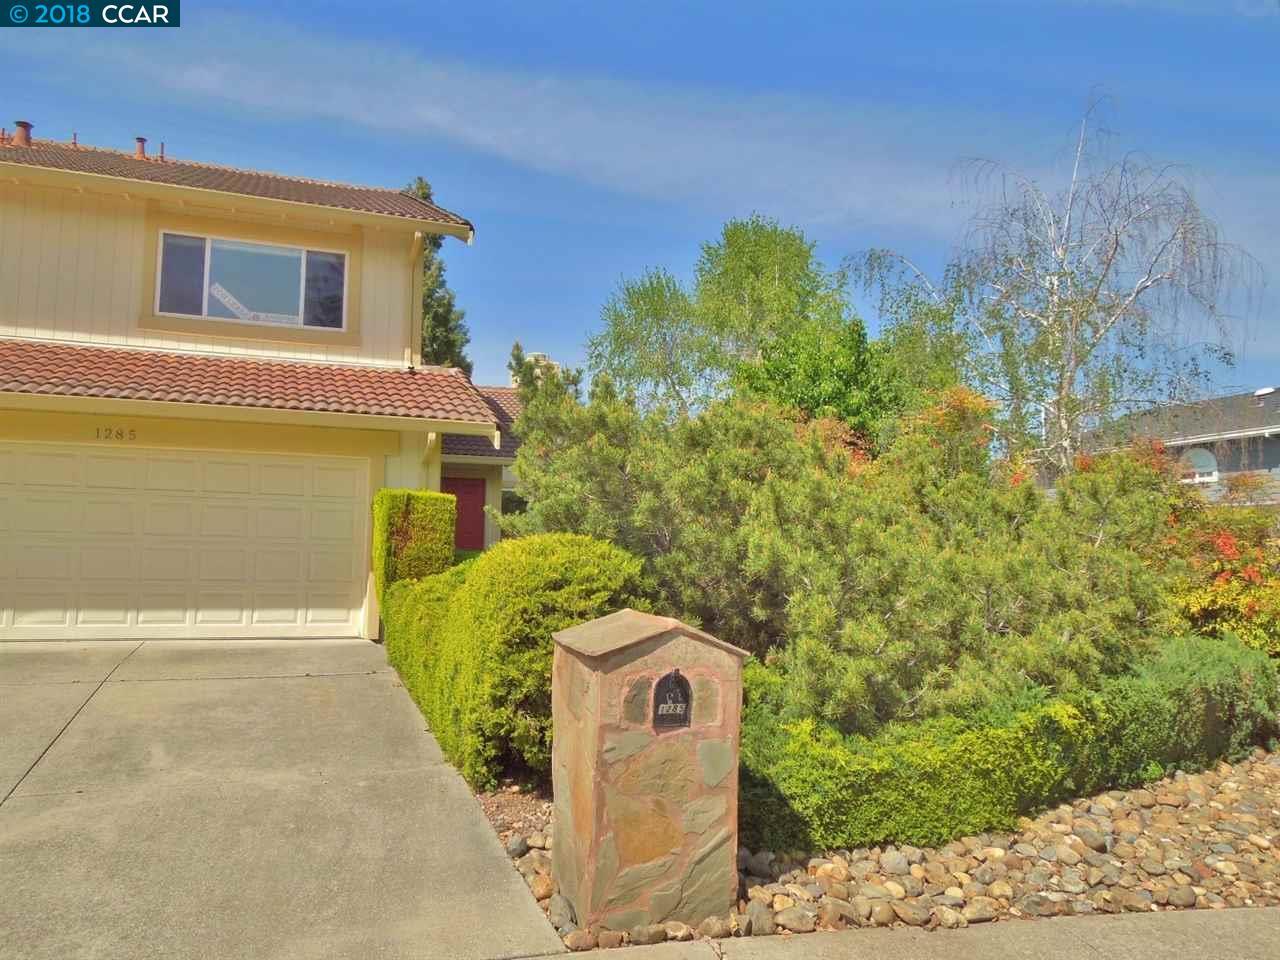 二世帯住宅 のために 賃貸 アット 1285 Sheppard Court 1285 Sheppard Court Walnut Creek, カリフォルニア 94598 アメリカ合衆国